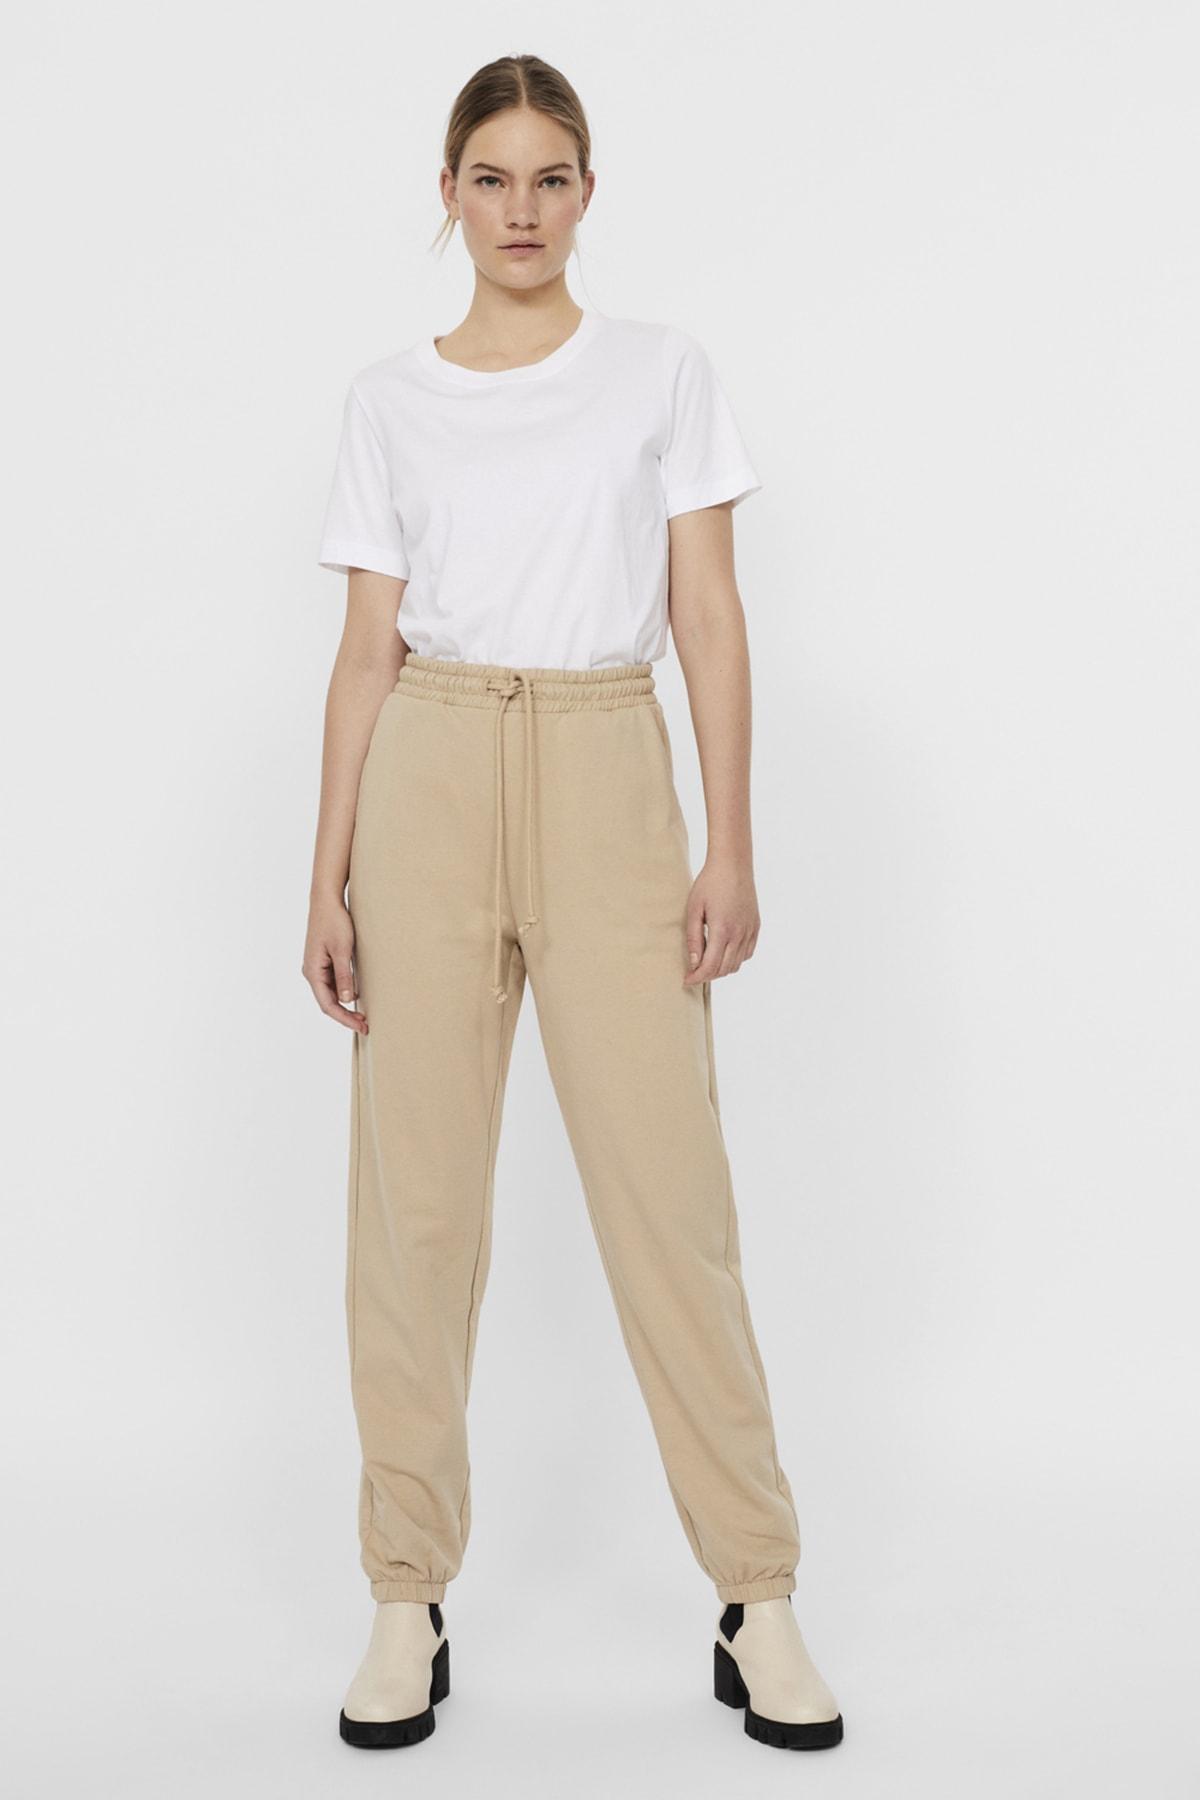 Vero Moda Kadın White Pepper Paçası Lastikli Yüksek Bel Sweat Pantolon 10252961 VMOCTAVIA